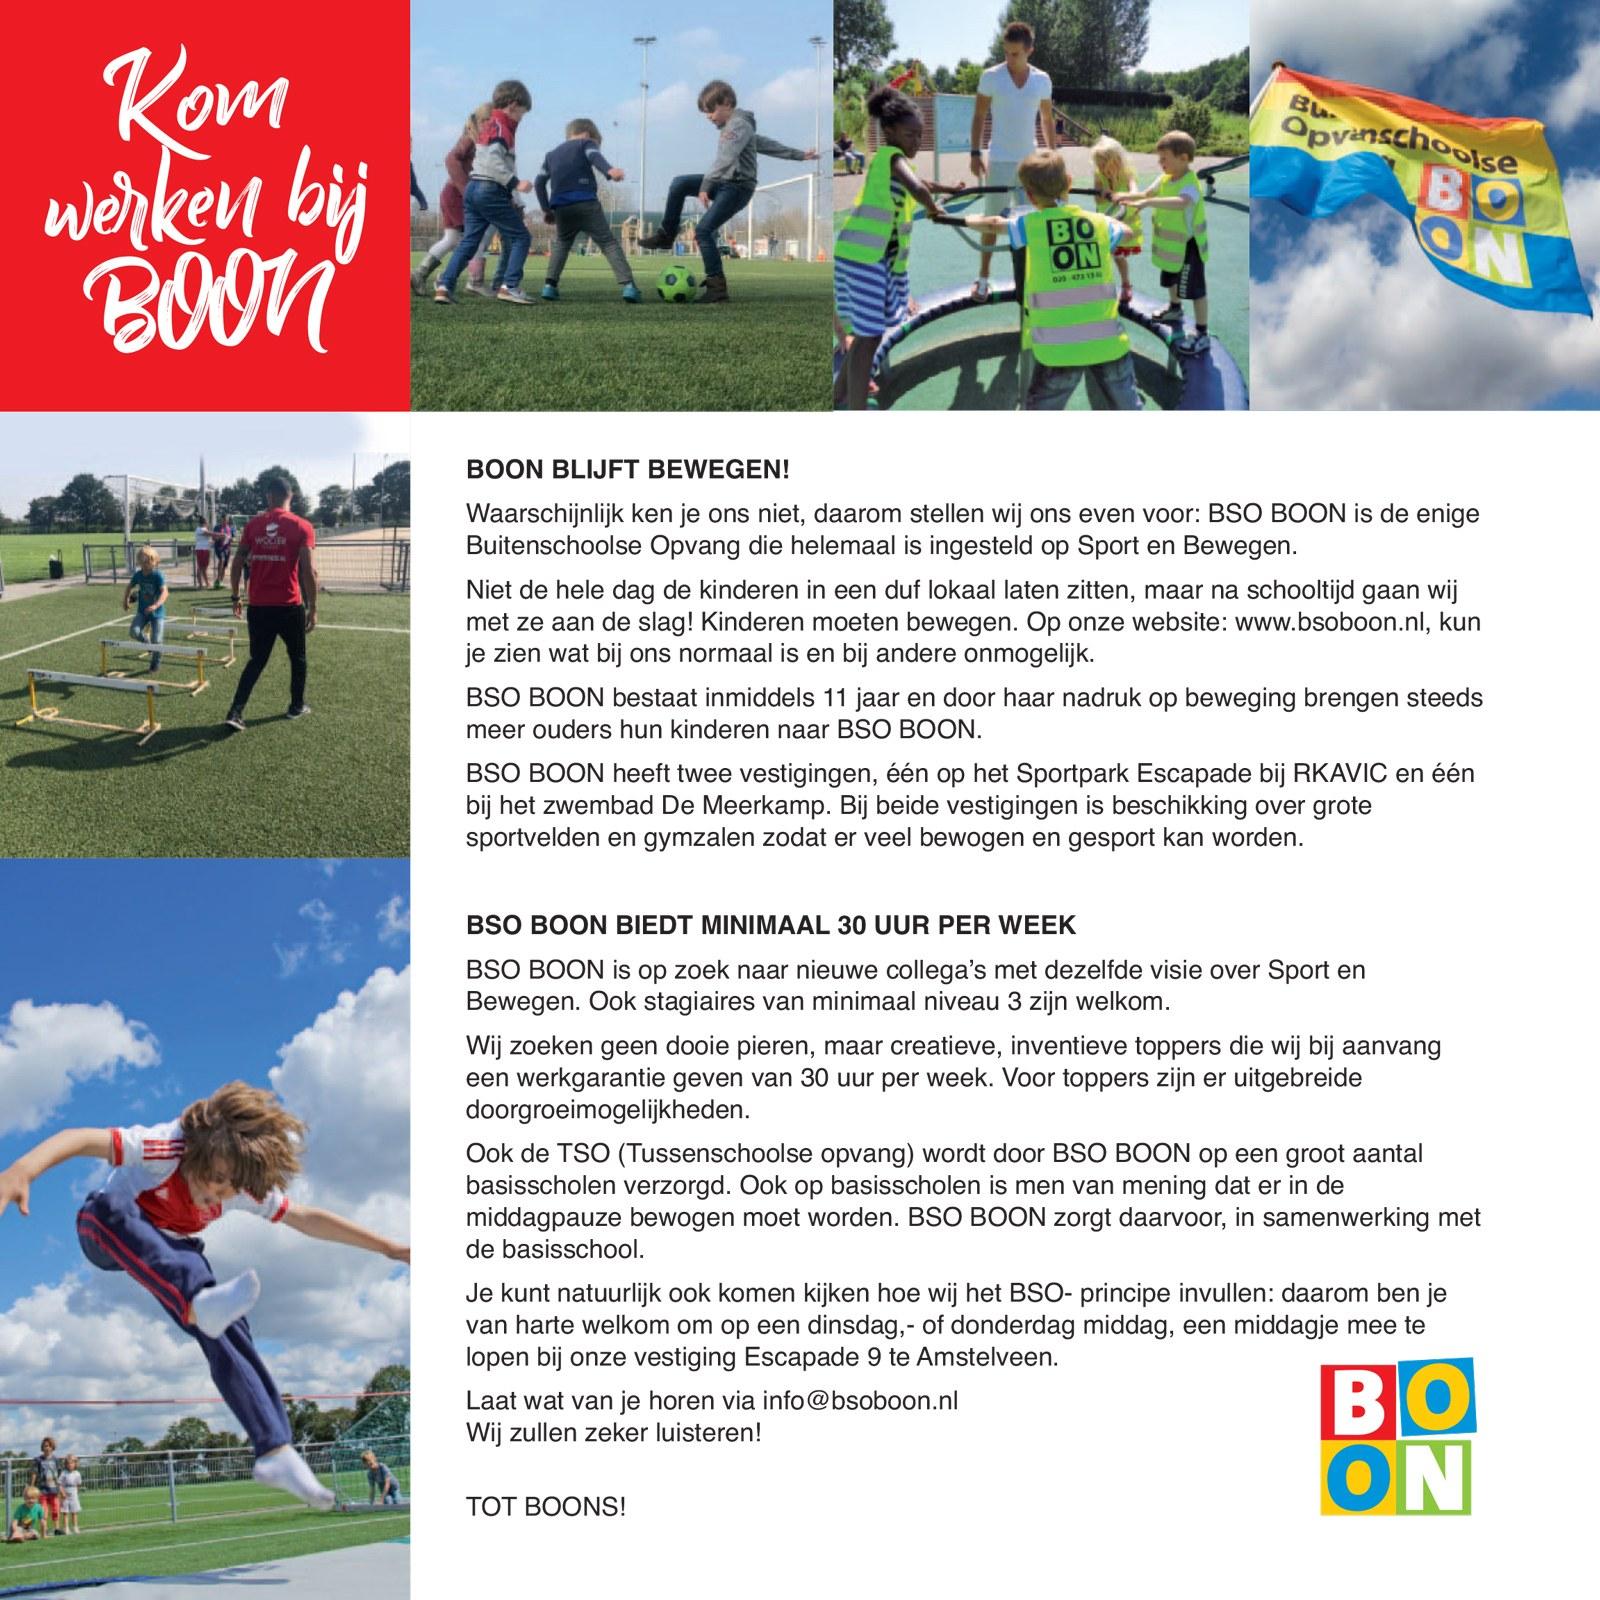 Werken-bij-BSO-BOON-Amstelveen